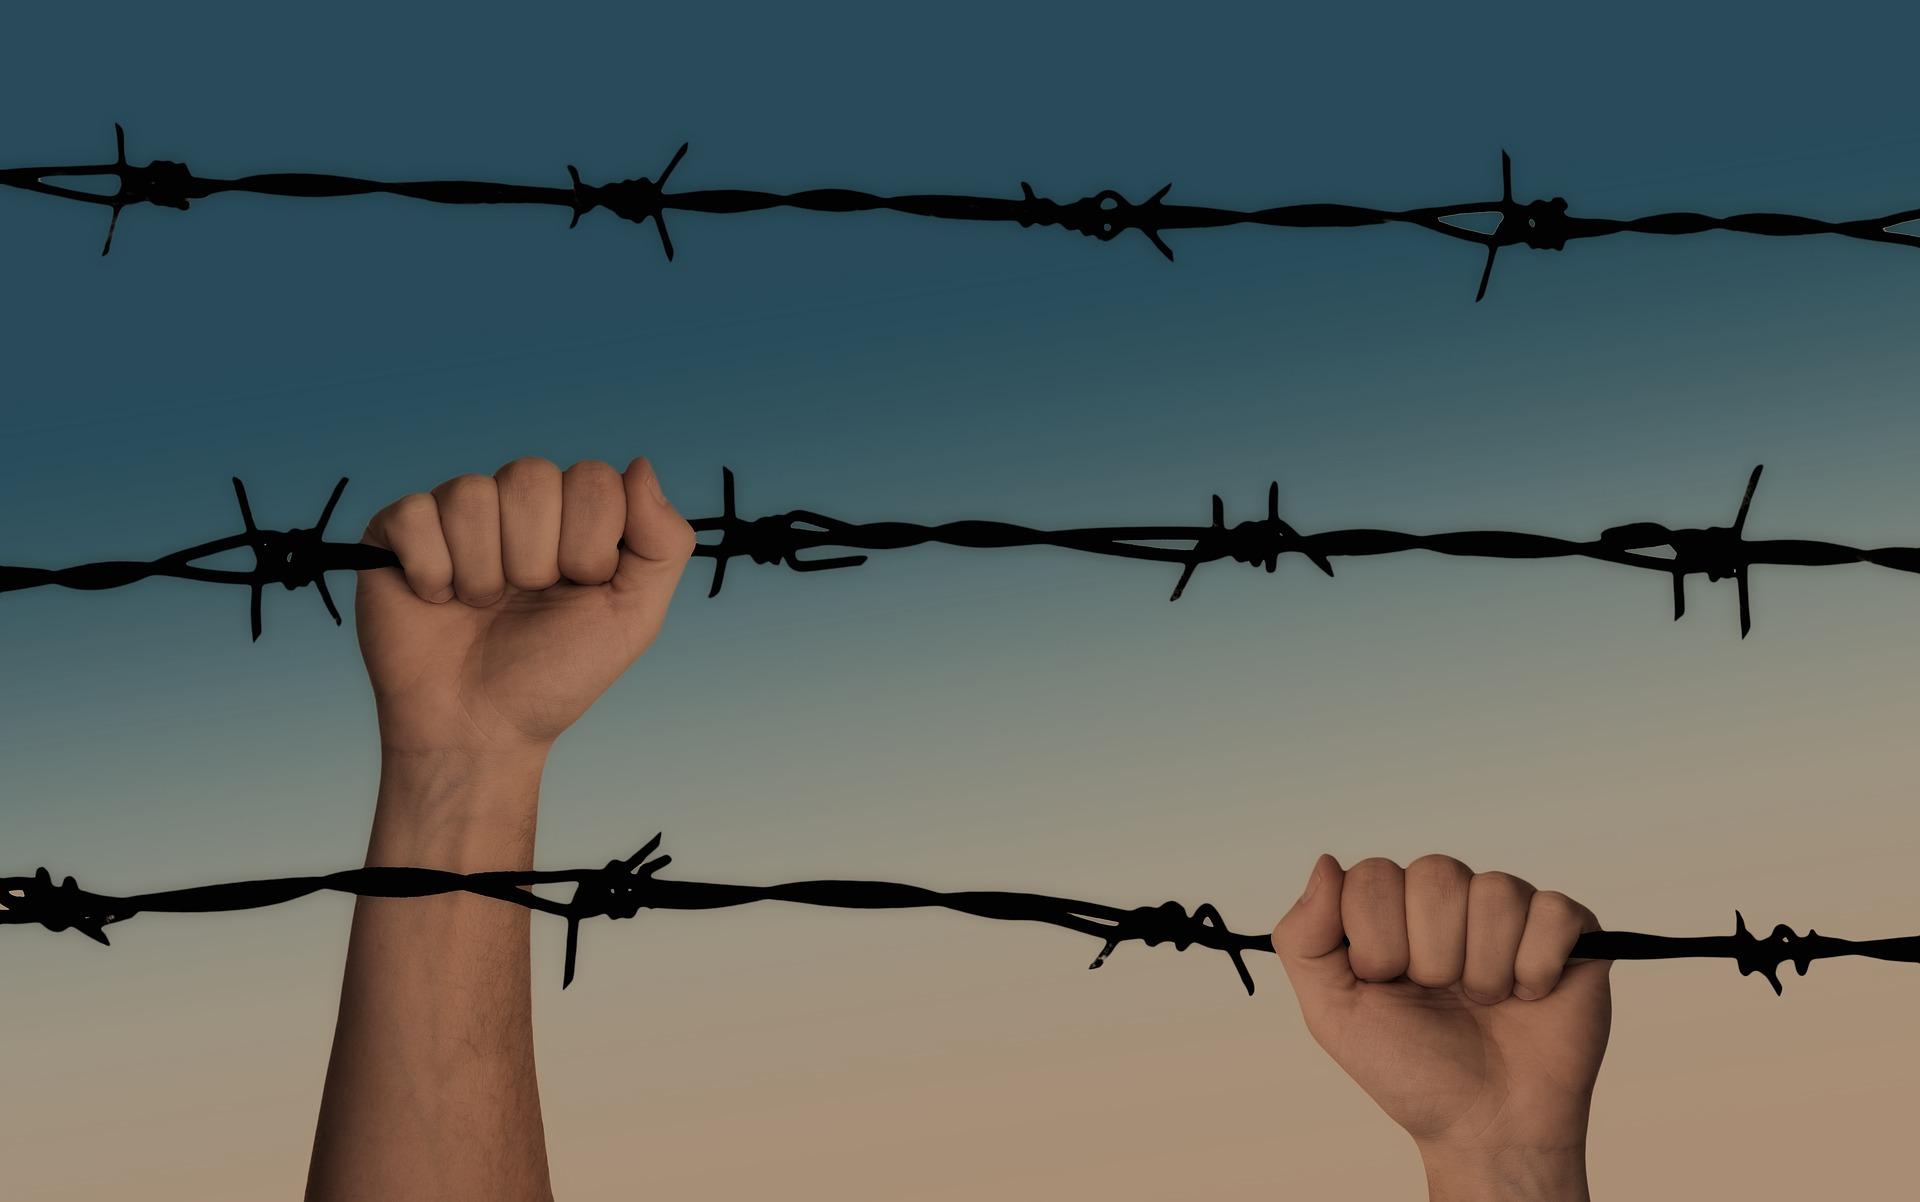 De prisioneros y sistemas